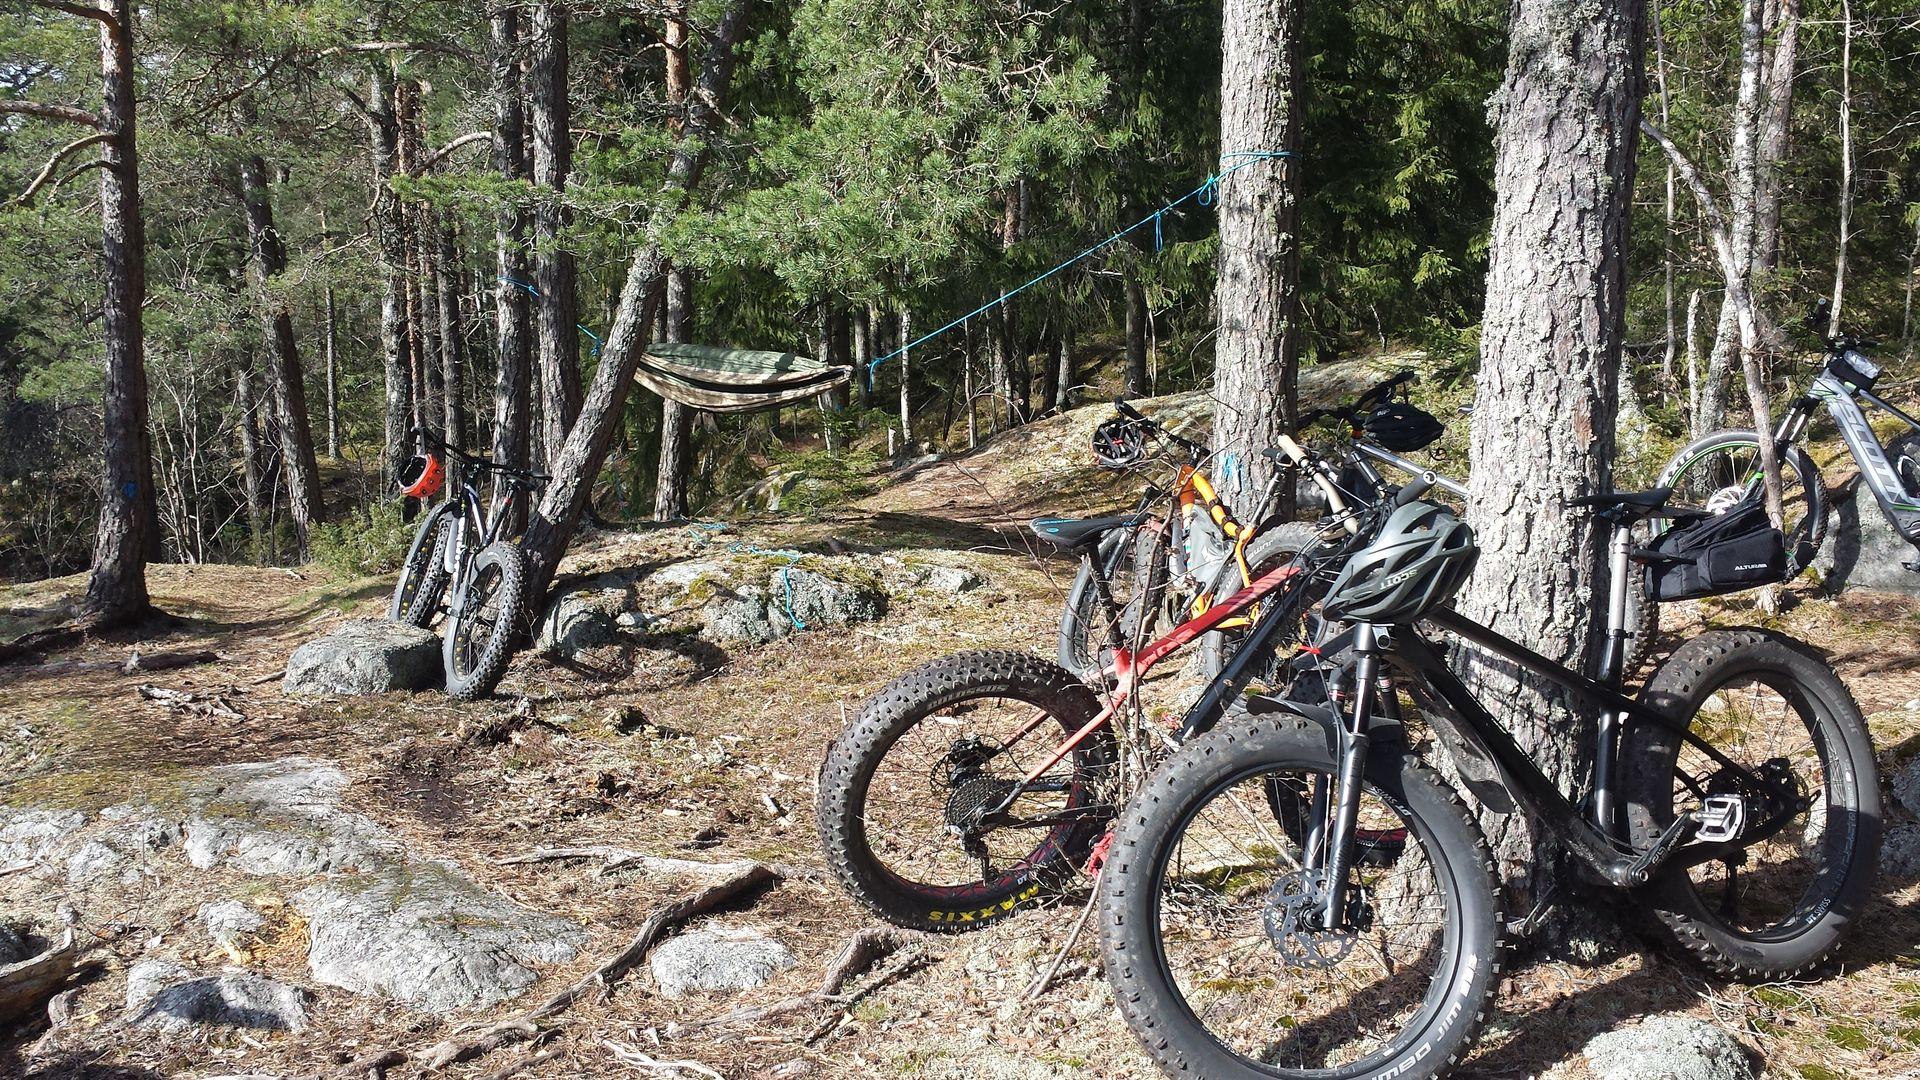 Cyklar liggandes mot träd med hängmatta. Fotograf: Pressbild kungsörstorp